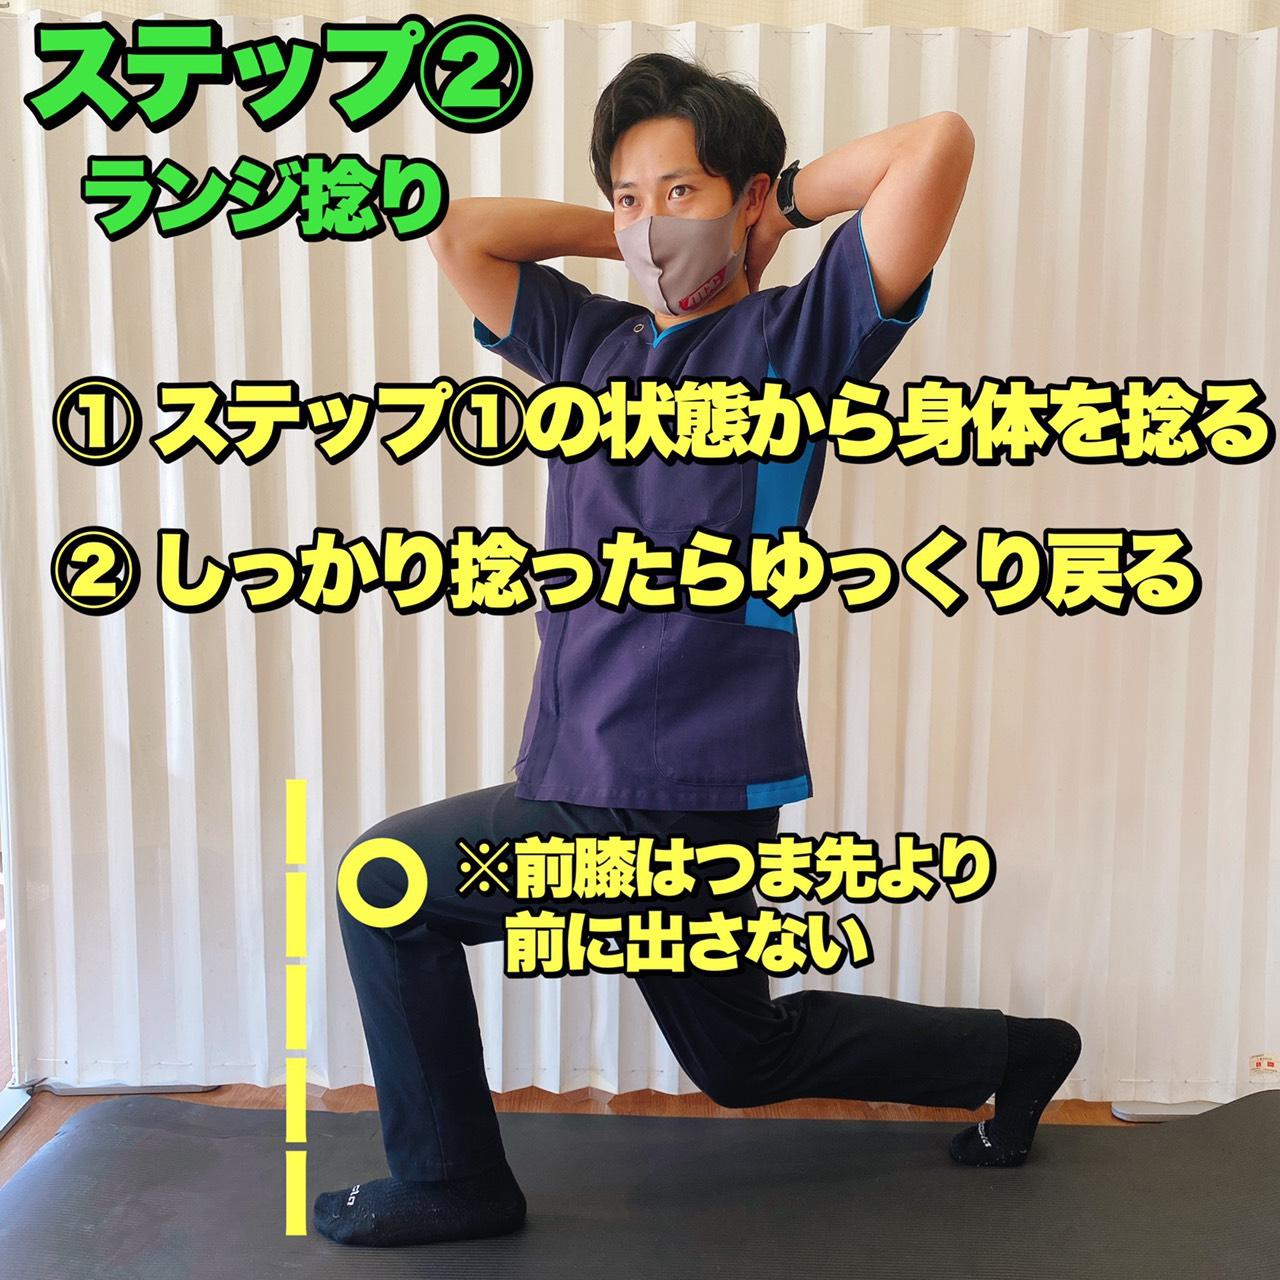 腰痛体操 ランジひねり 下半身トレーニング